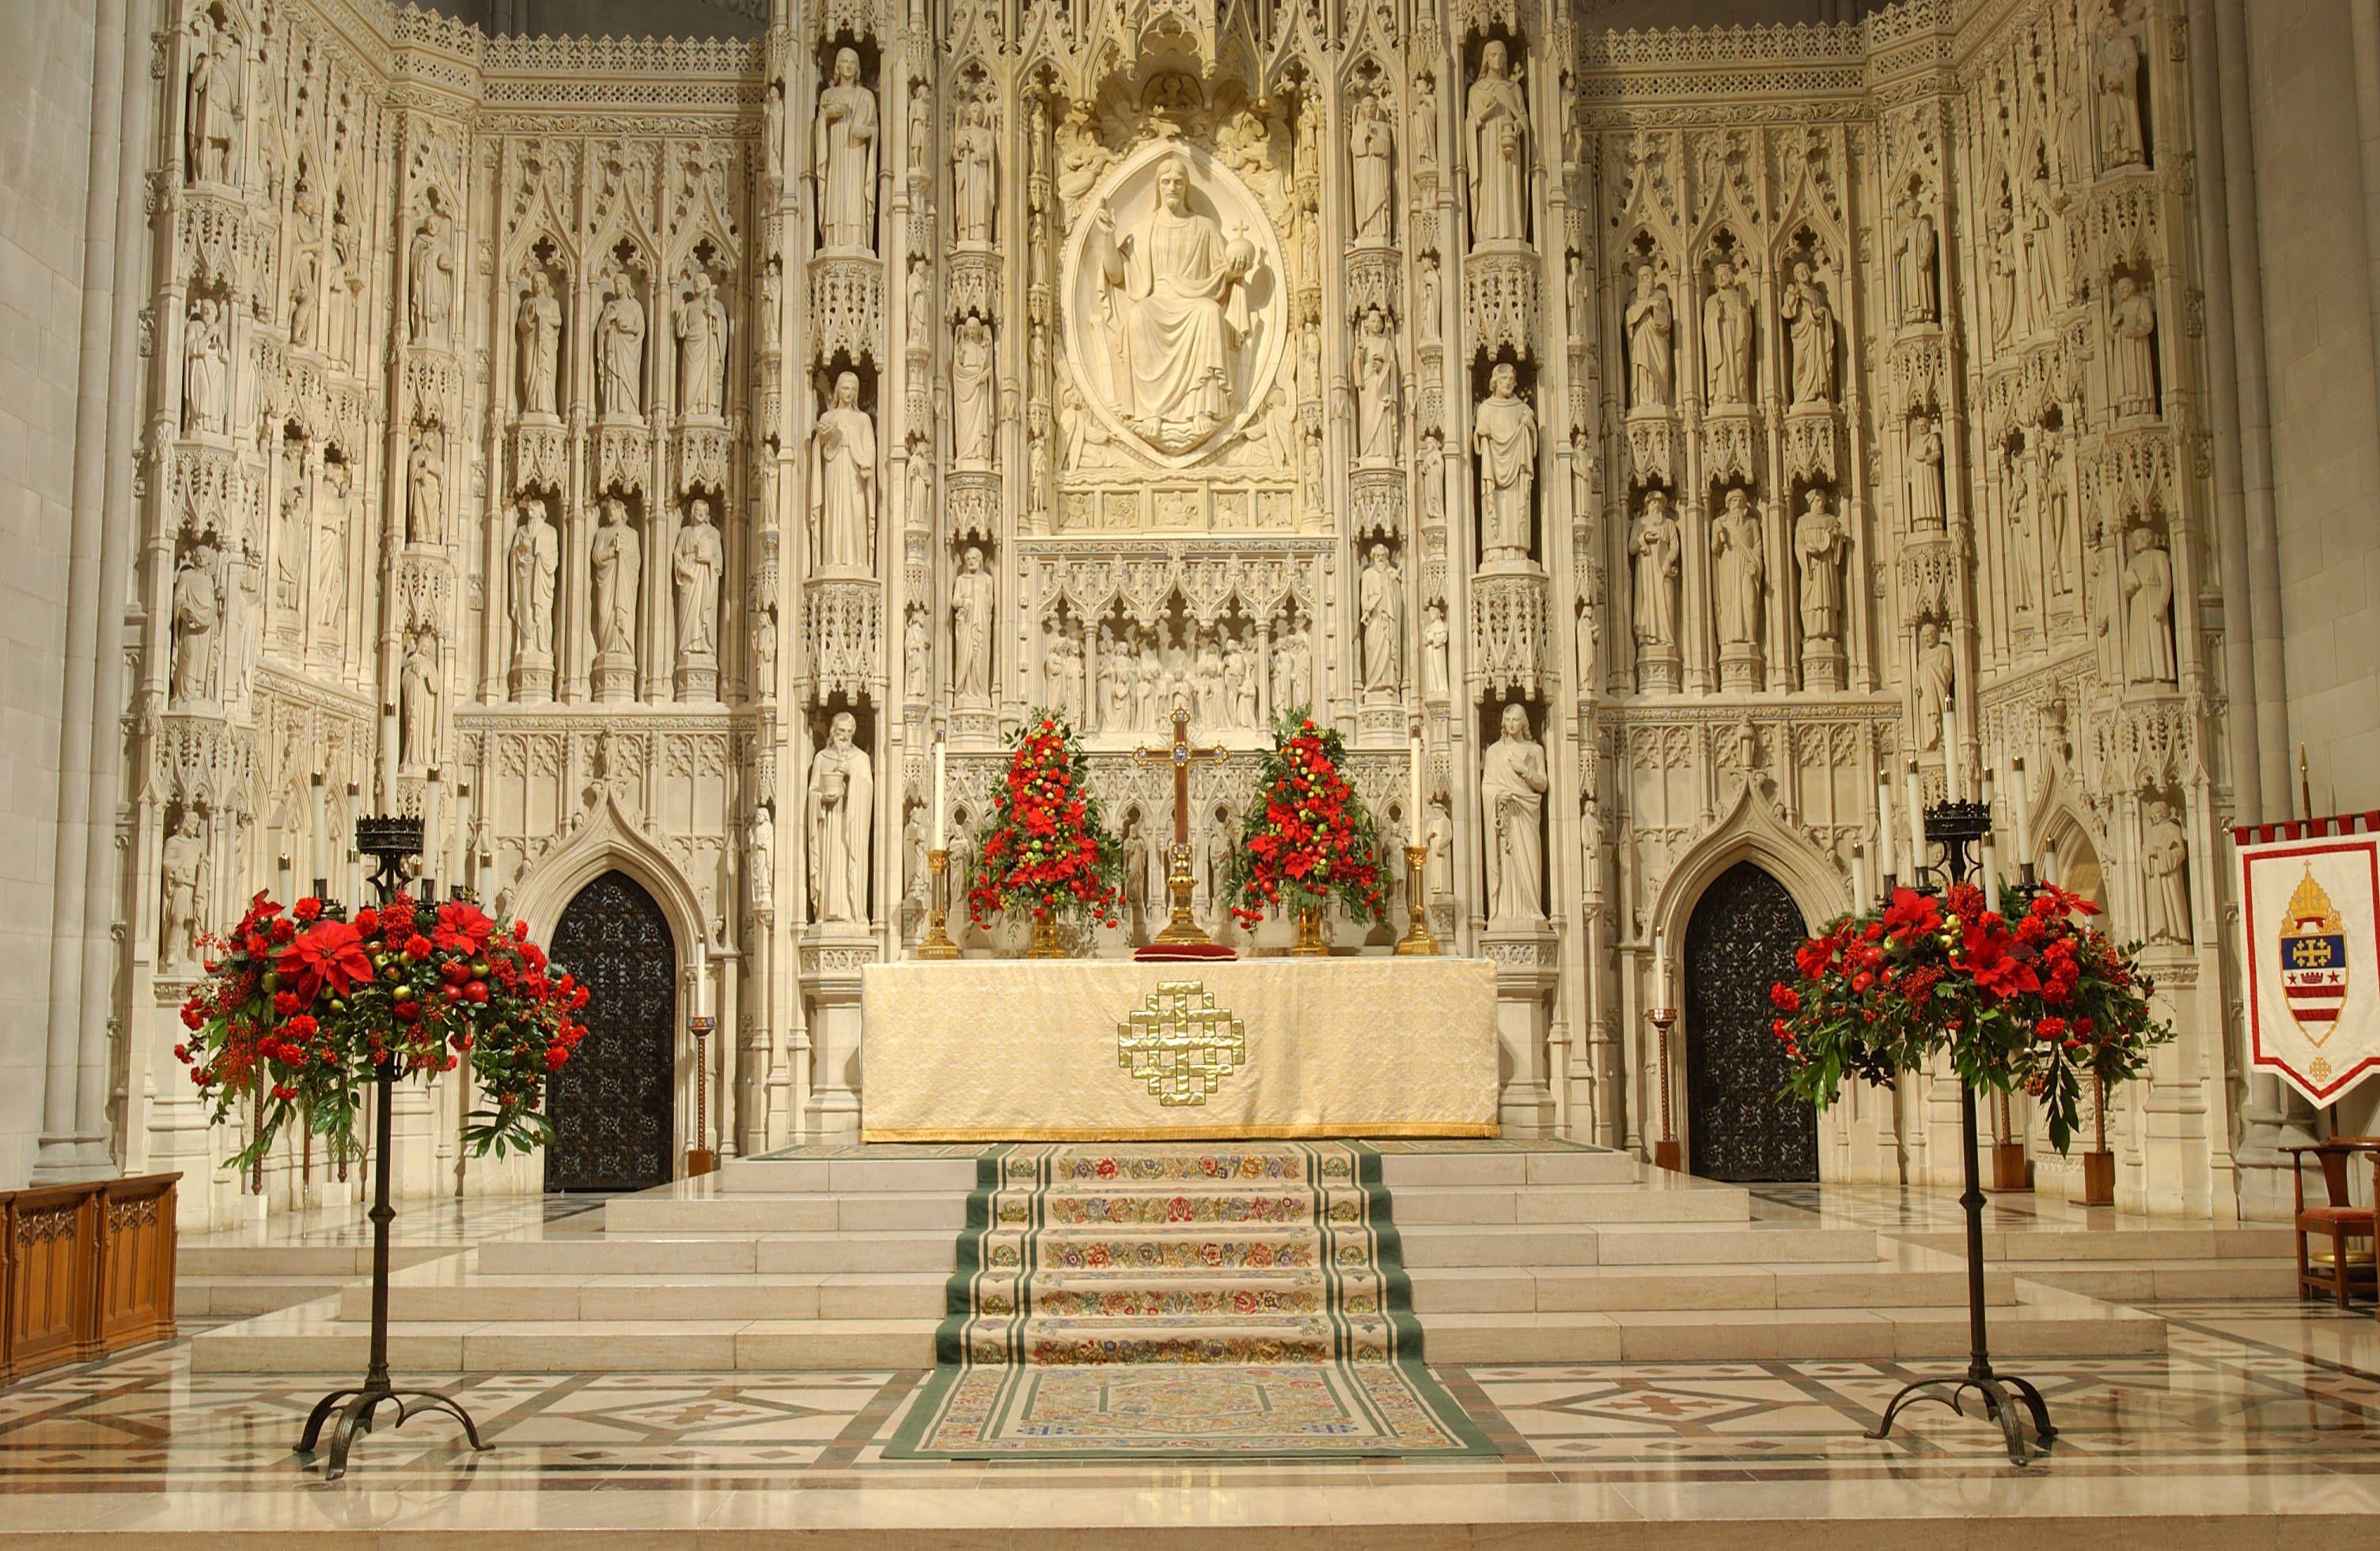 National Cathedral Washington Dc At Christmas